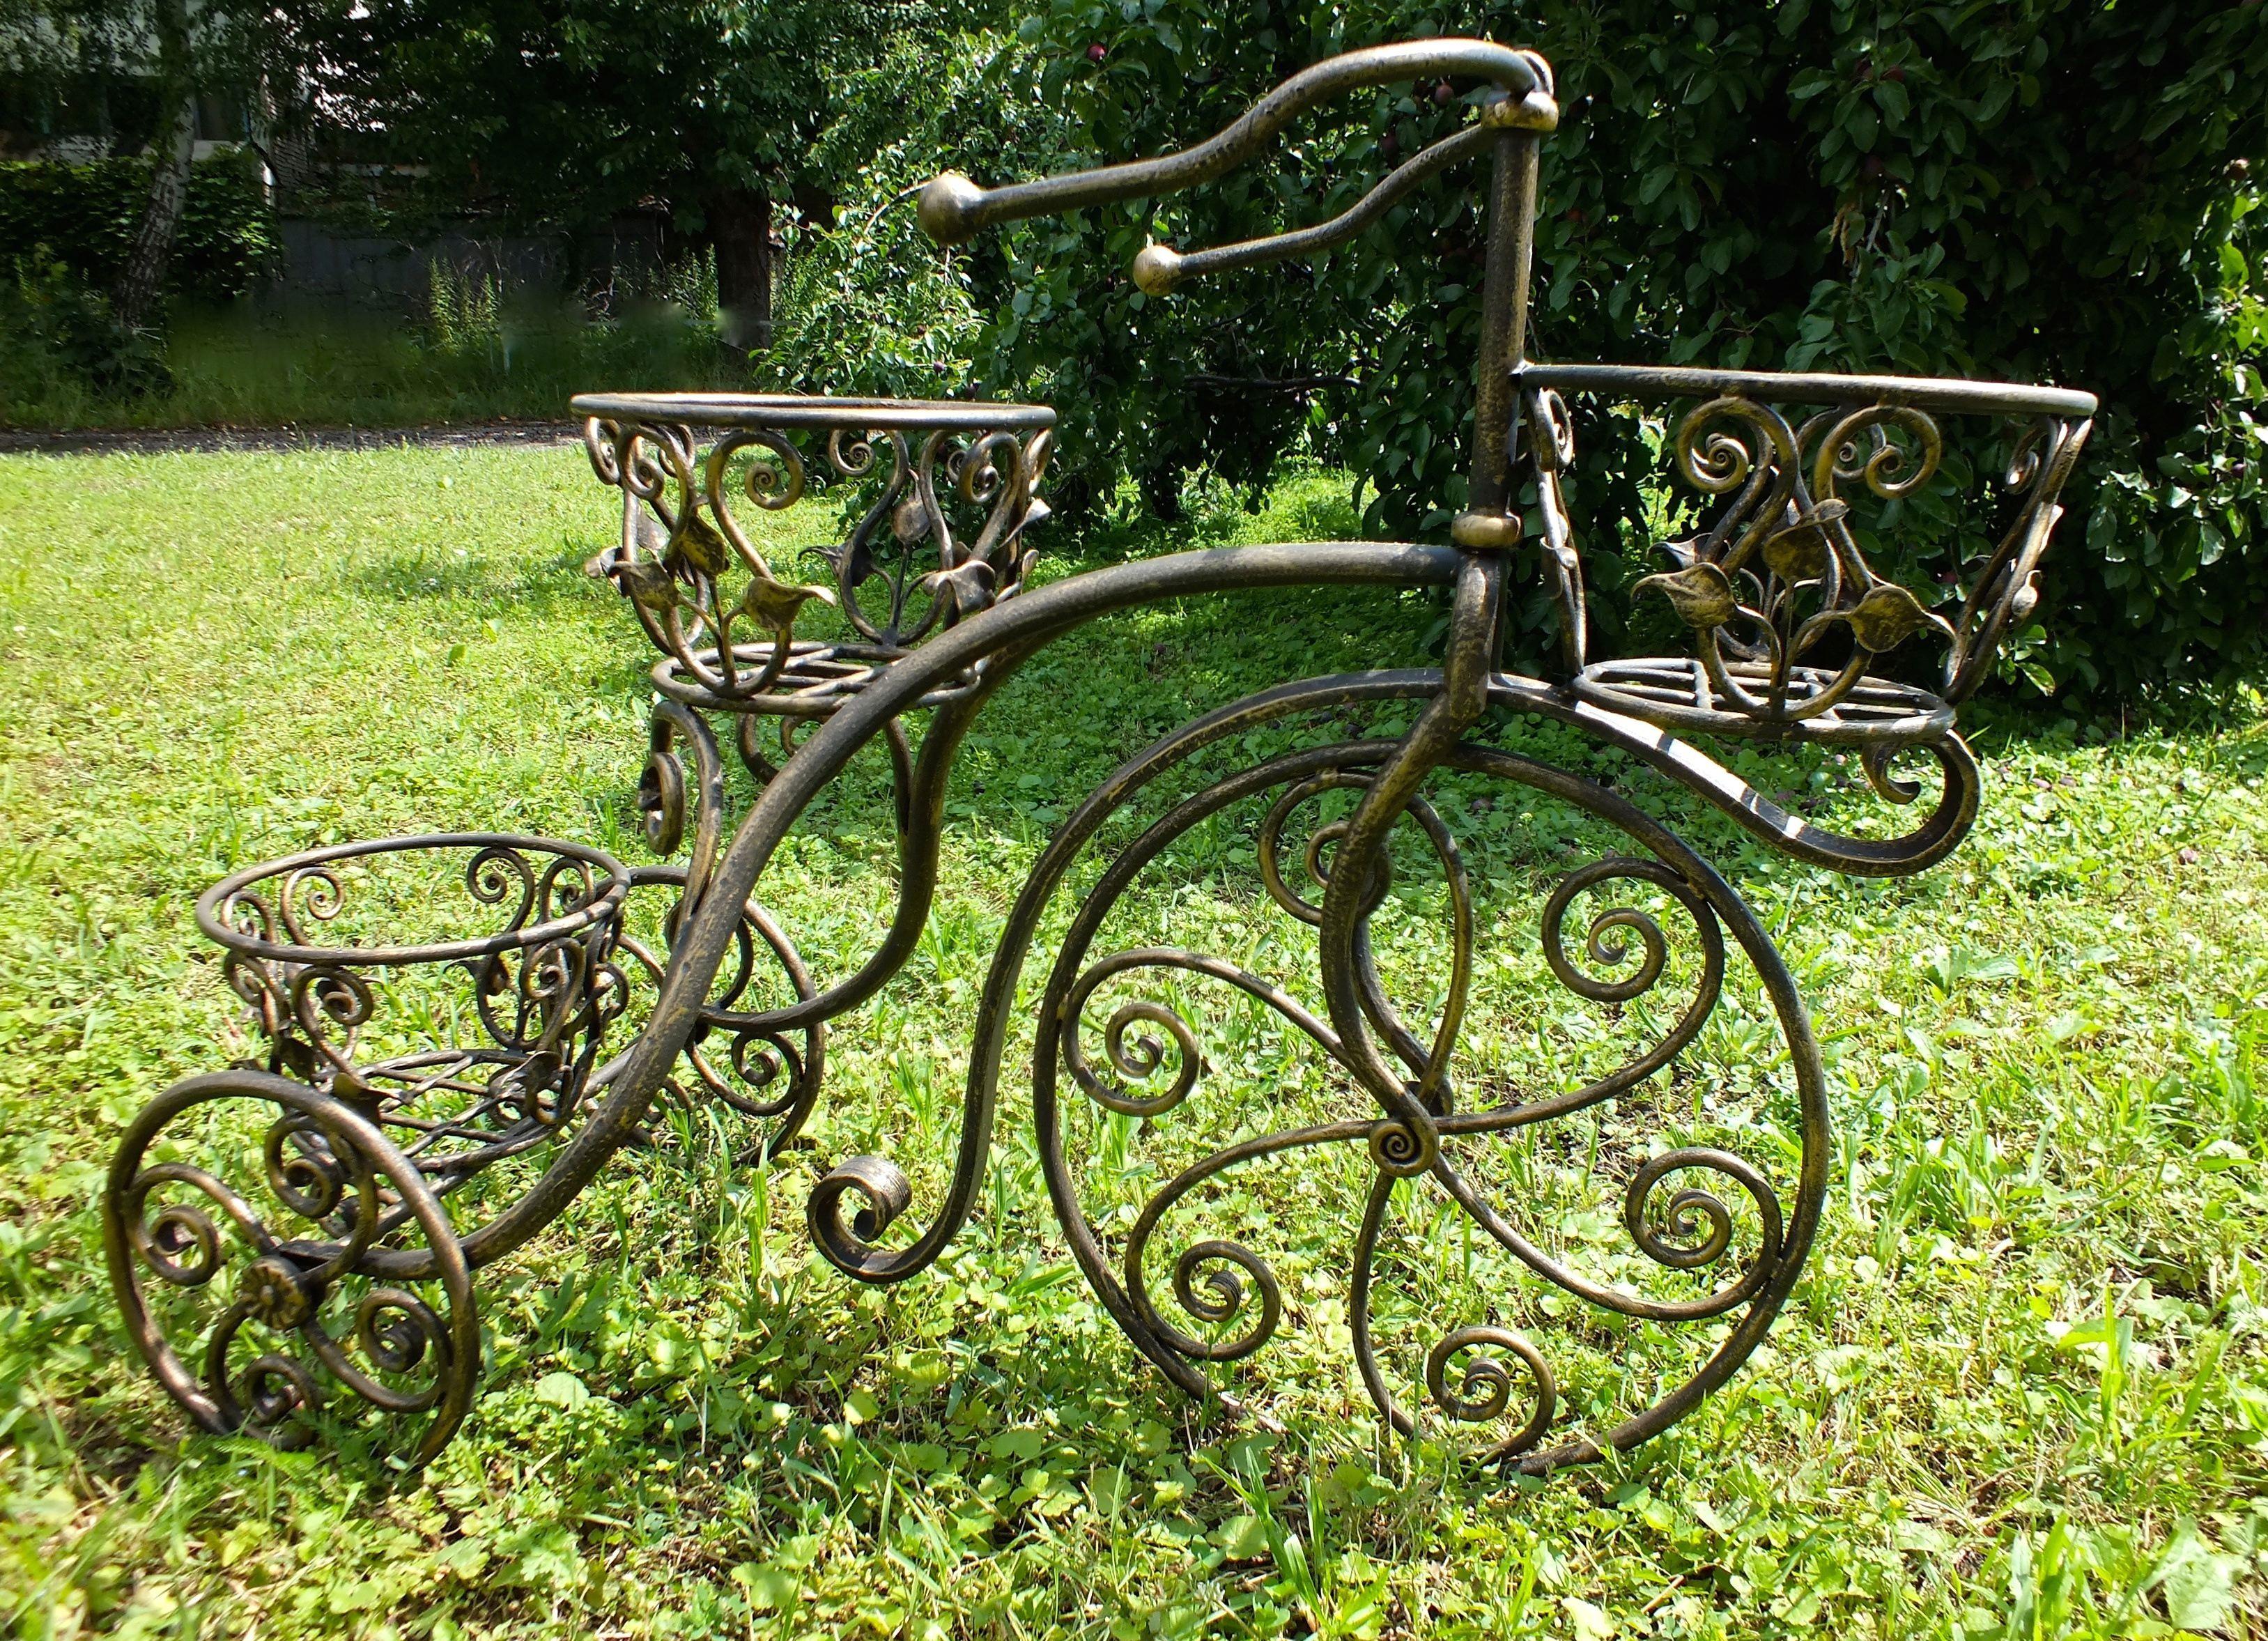 Кованый велосипед под цветы